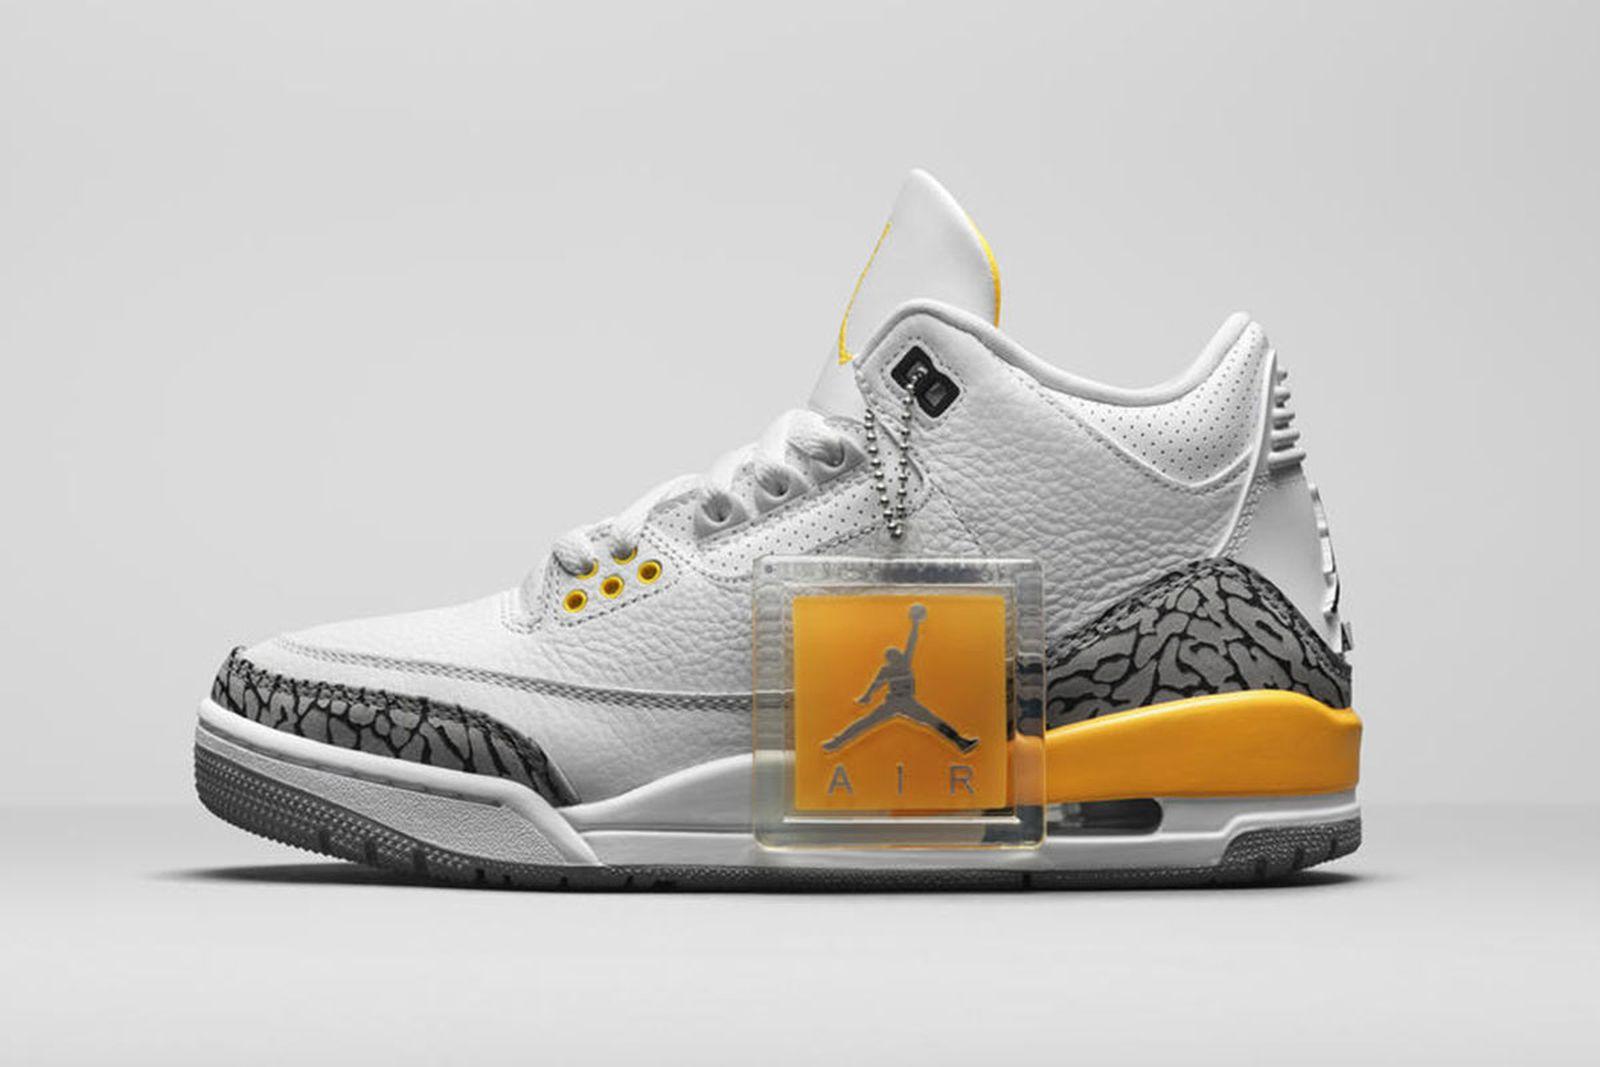 Jordan Brand Fall 2020 sneaker lineup Air Jordan 3 citrus orange